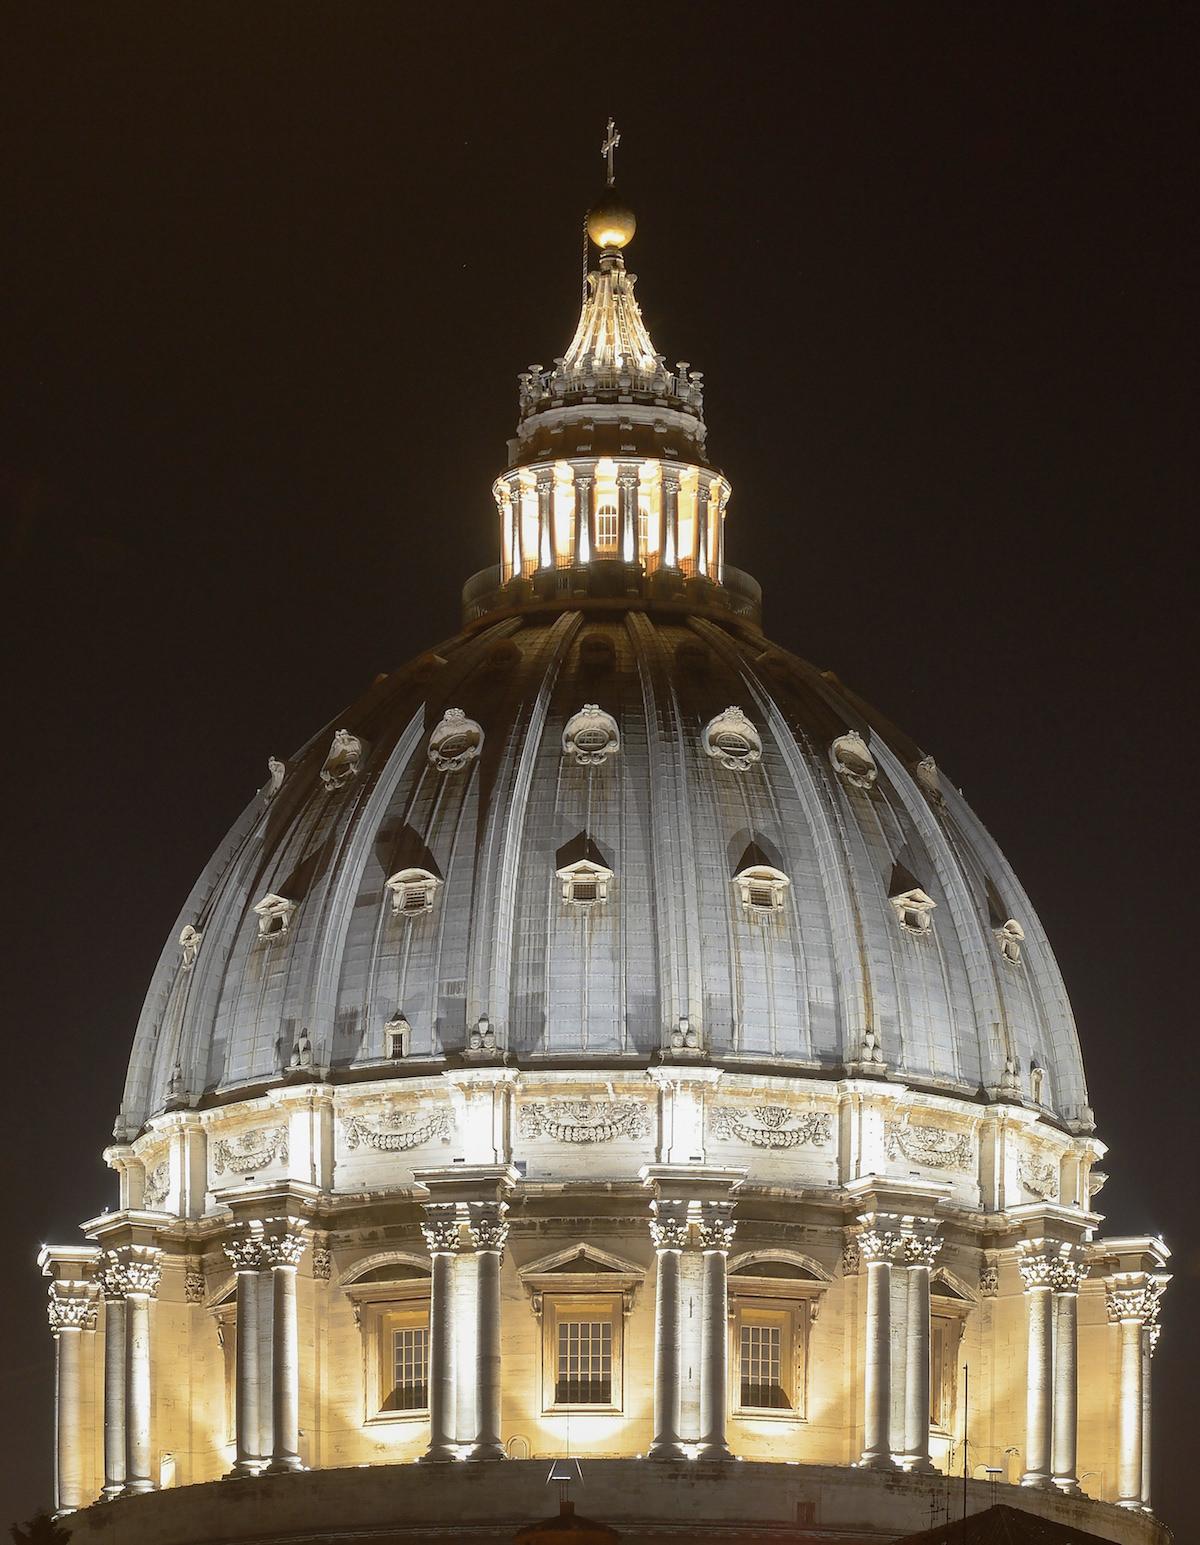 cupola di S. Pietro crediti Livioandronico2013 CC BY-SA 4.0